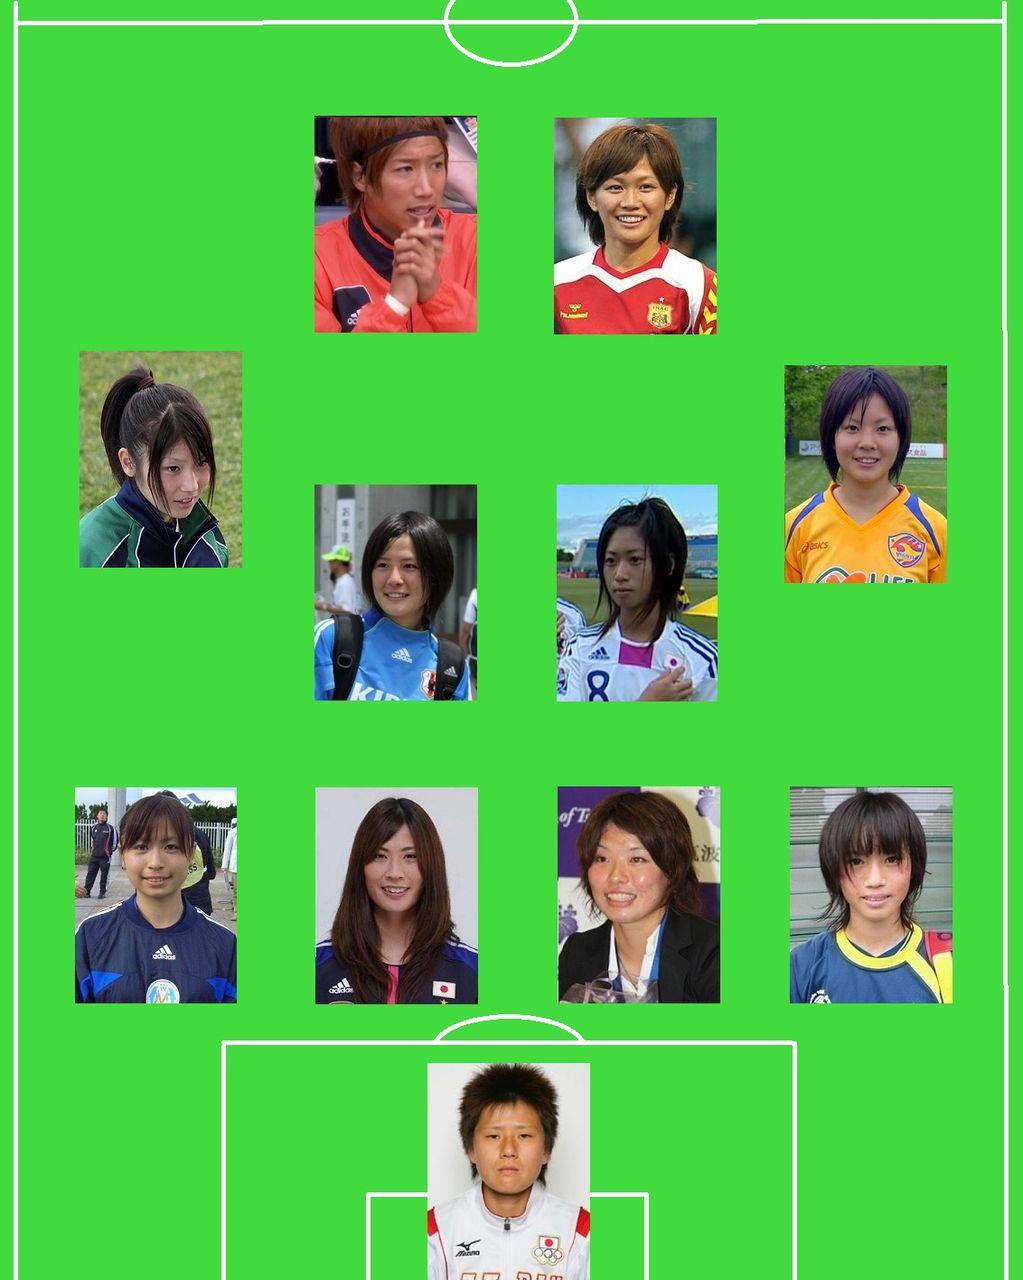 https://livedoor.blogimg.jp/fbn_2chfootball/imgs/1/d/1dec9db2.jpg